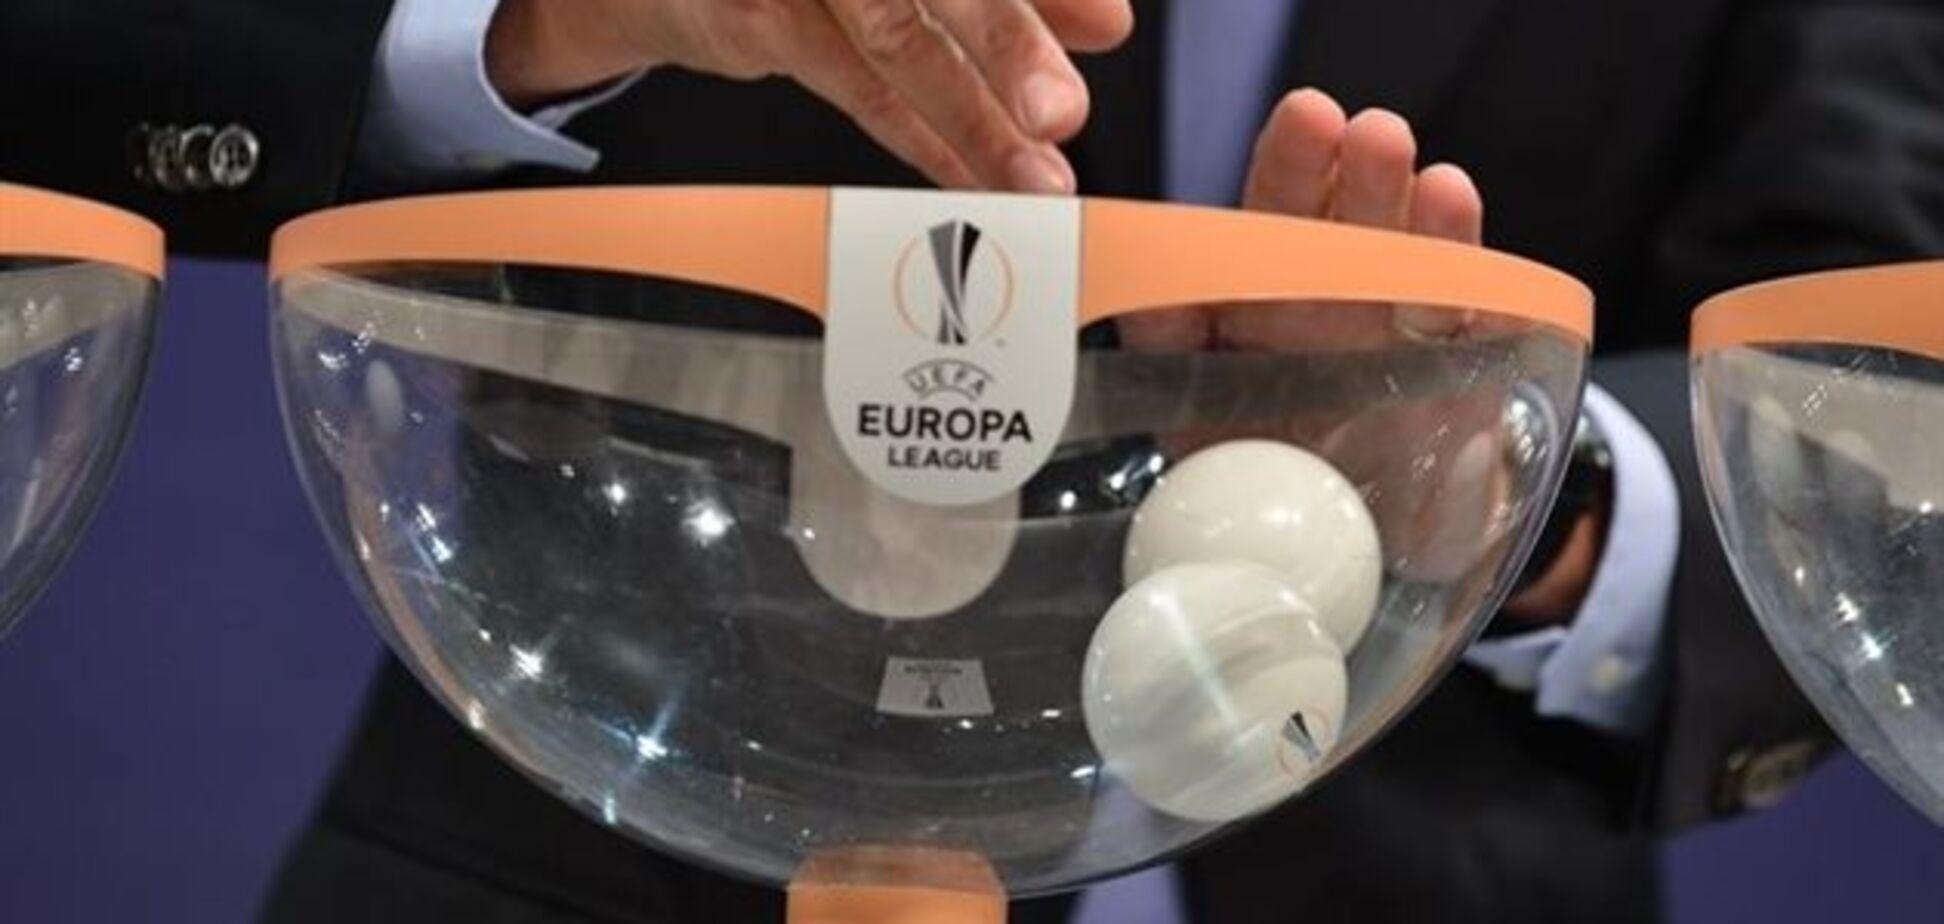 Жеребьевка Лиги Европы: где смотреть